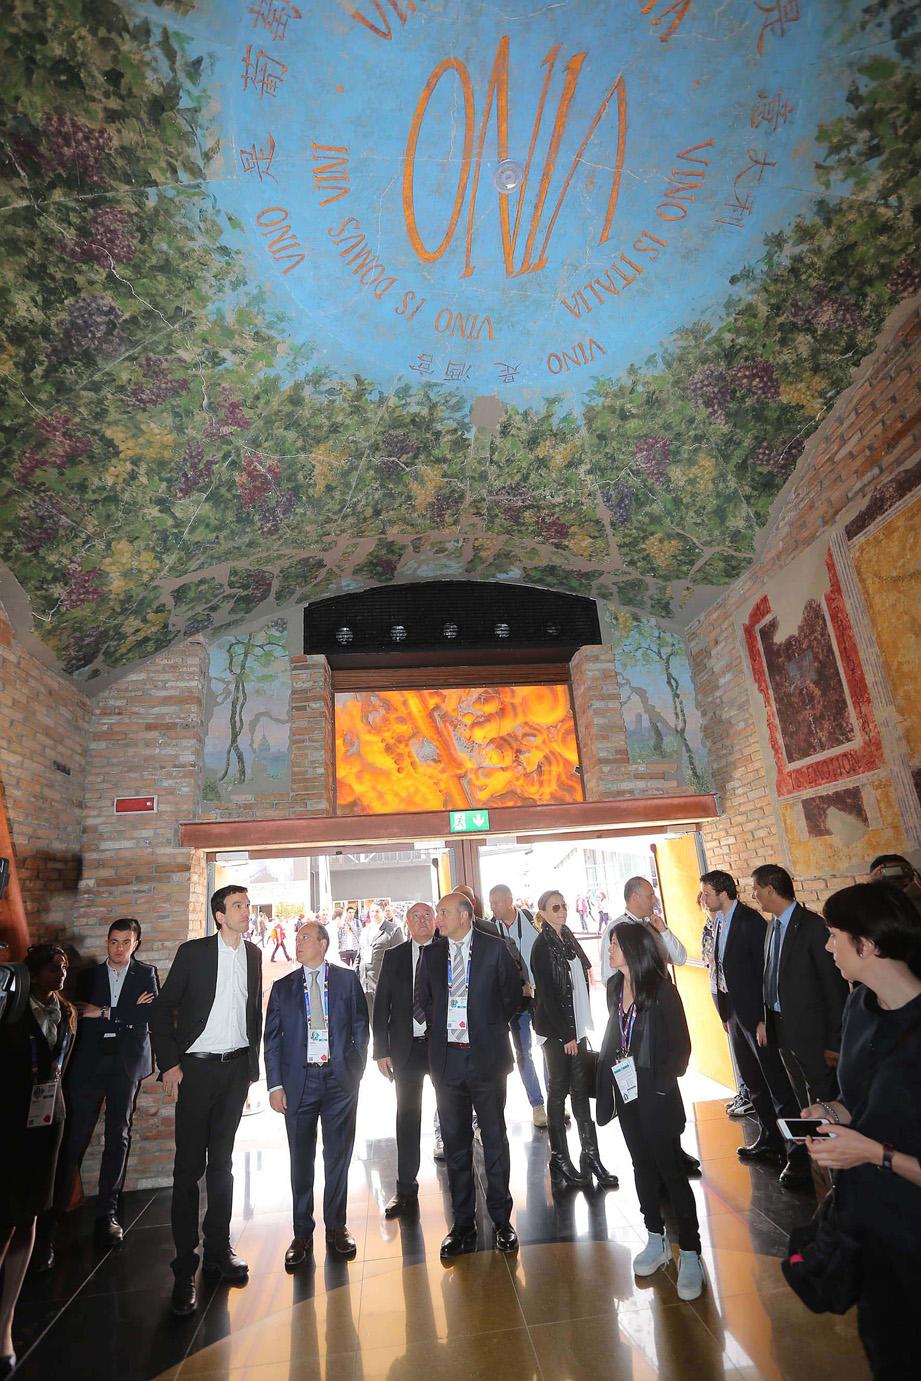 L'ingresso della Domus Vini durante l'apertura ufficiale- foto Ennevi- Veronafiere